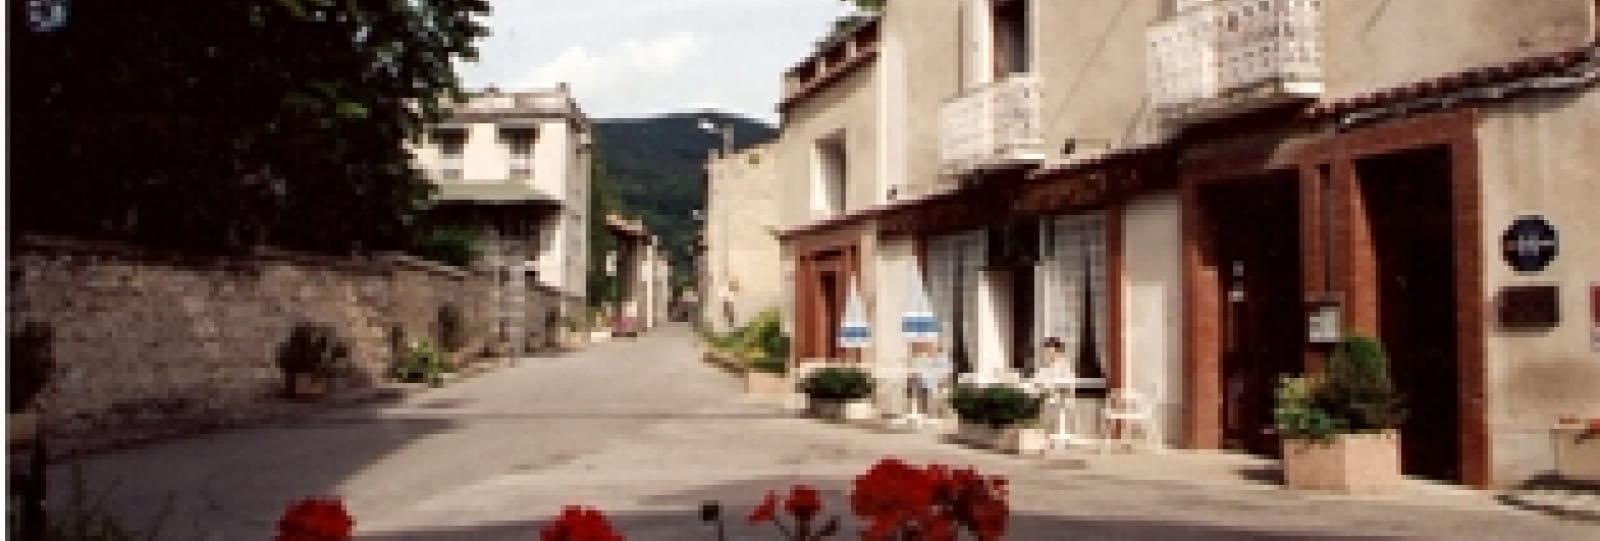 Hôtel-Restaurant du Commerce et du Parc